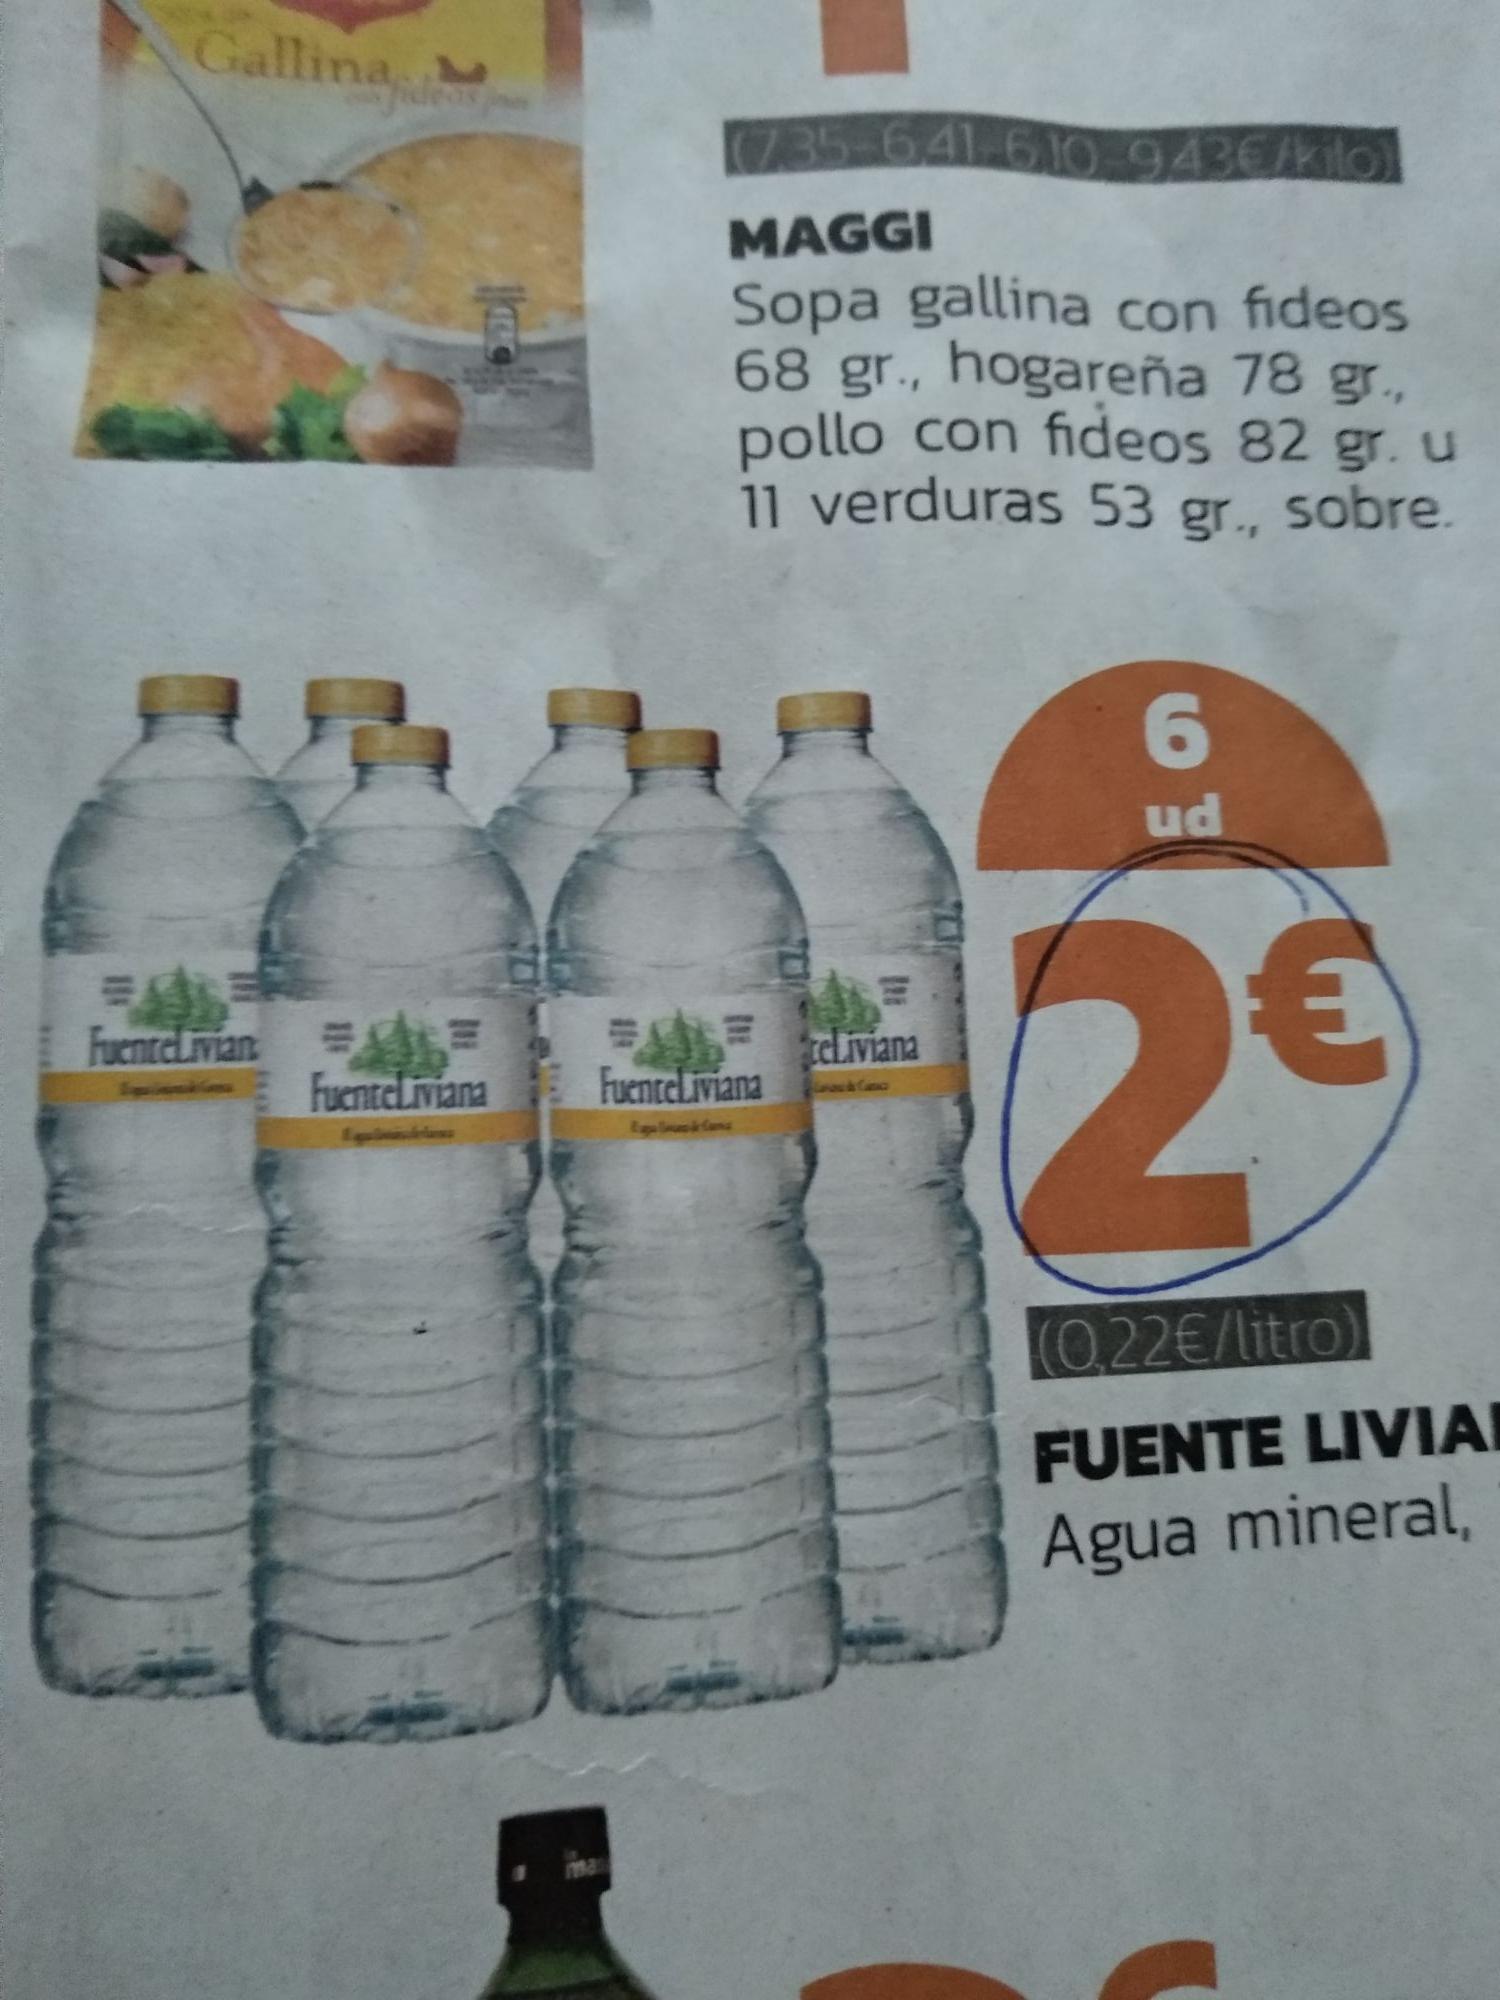 Agua Fuente Liviana. 6 unidades, 2€